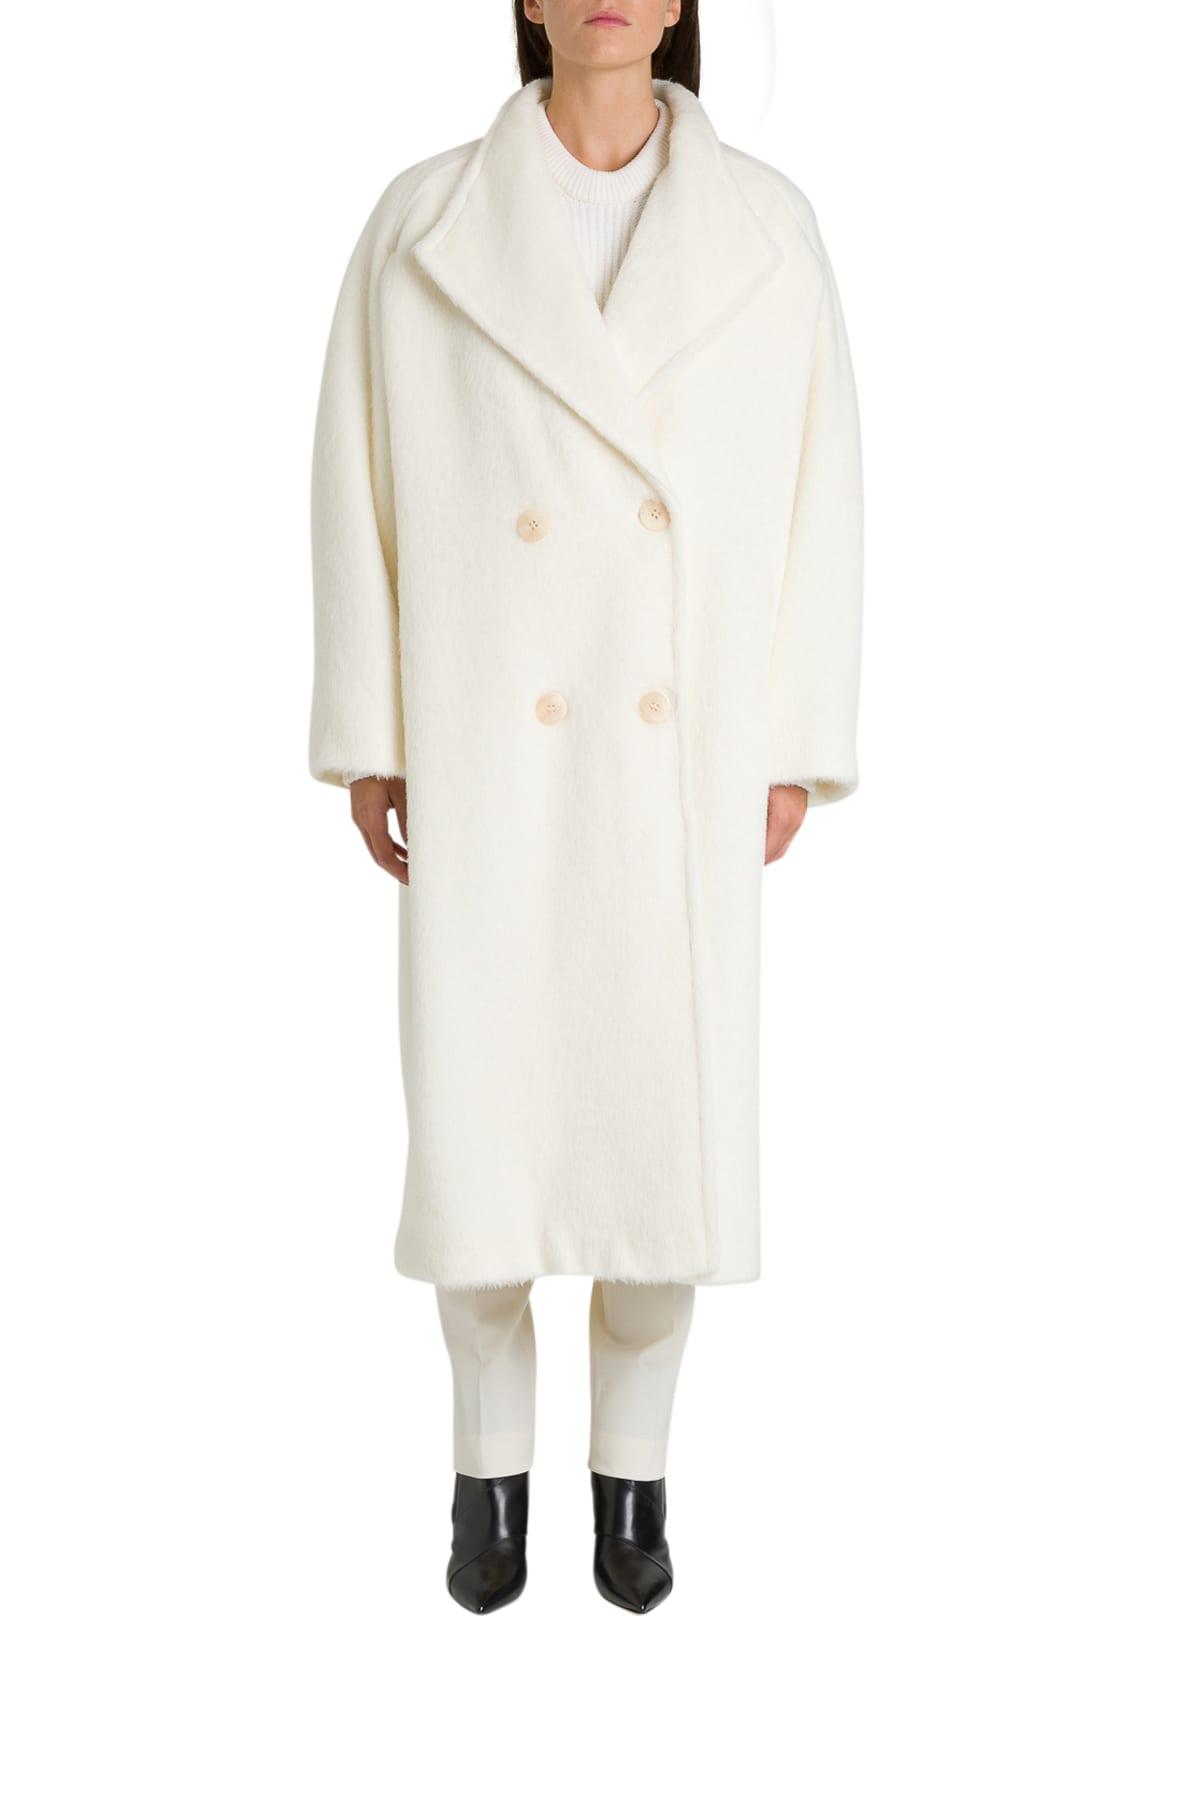 Alberta Ferretti Oversized Double-breasted Coat